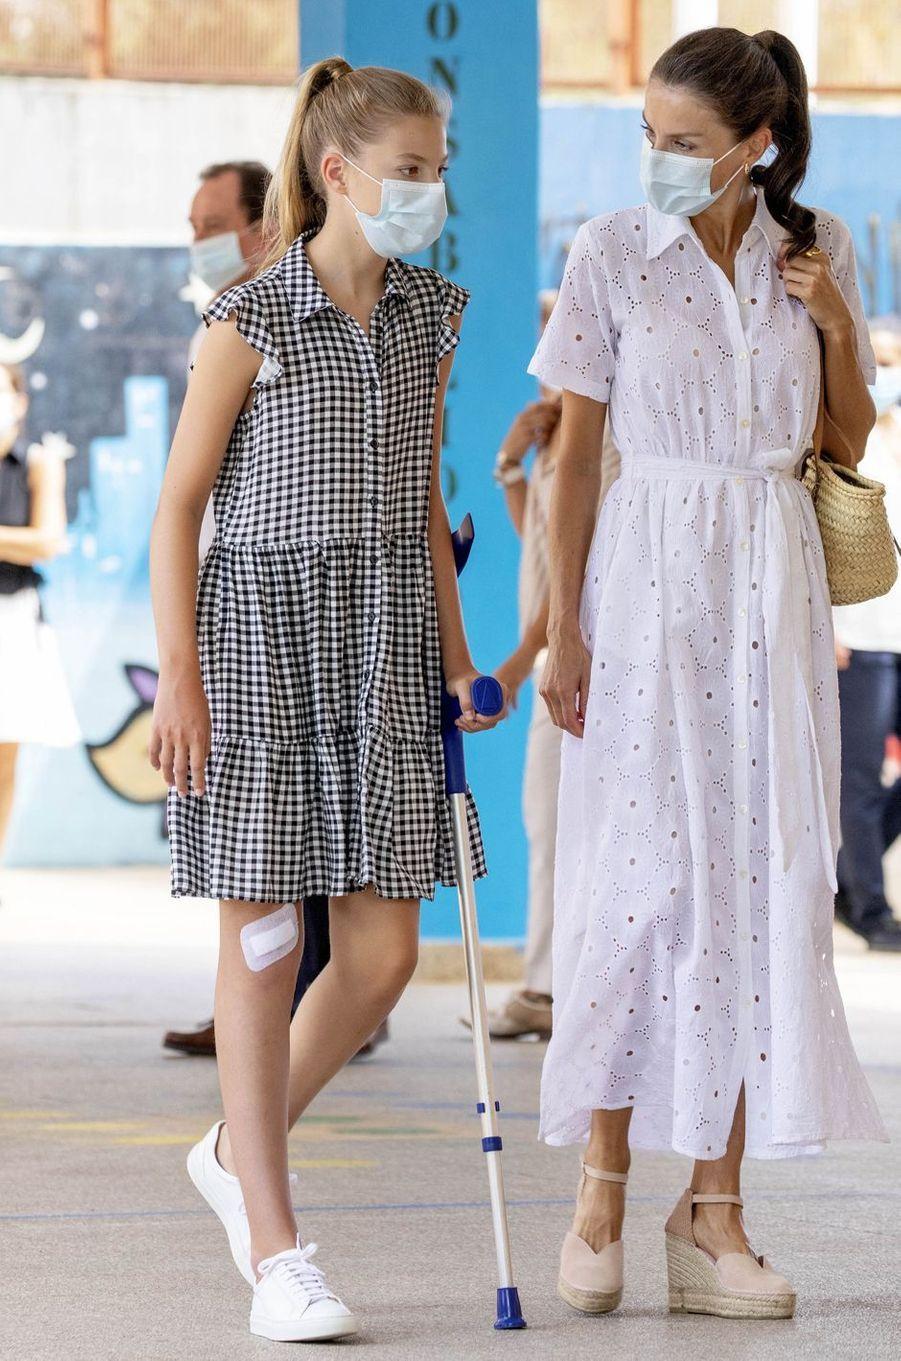 La reine Letizia d'Espagne dans une robe Vintage Ibiza à Palma sur l'île de Majorque, le 11 août 2020